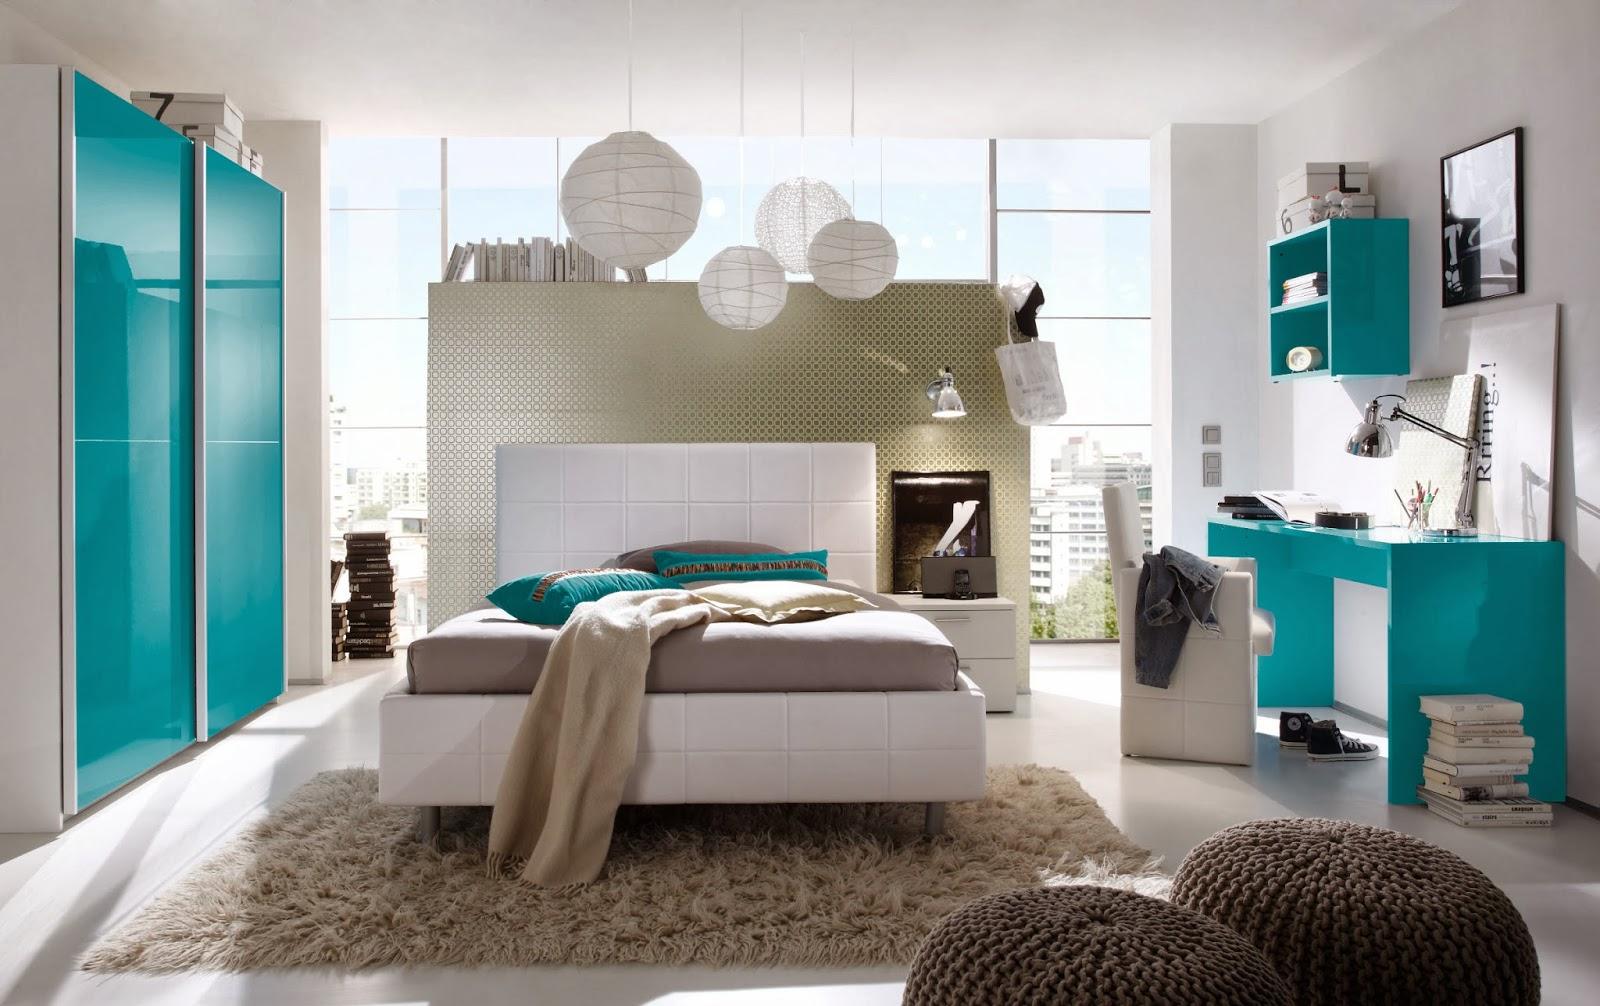 Dormitorios en gris y turquesa dormitorios colores y estilos for Paredes turquesa y gris